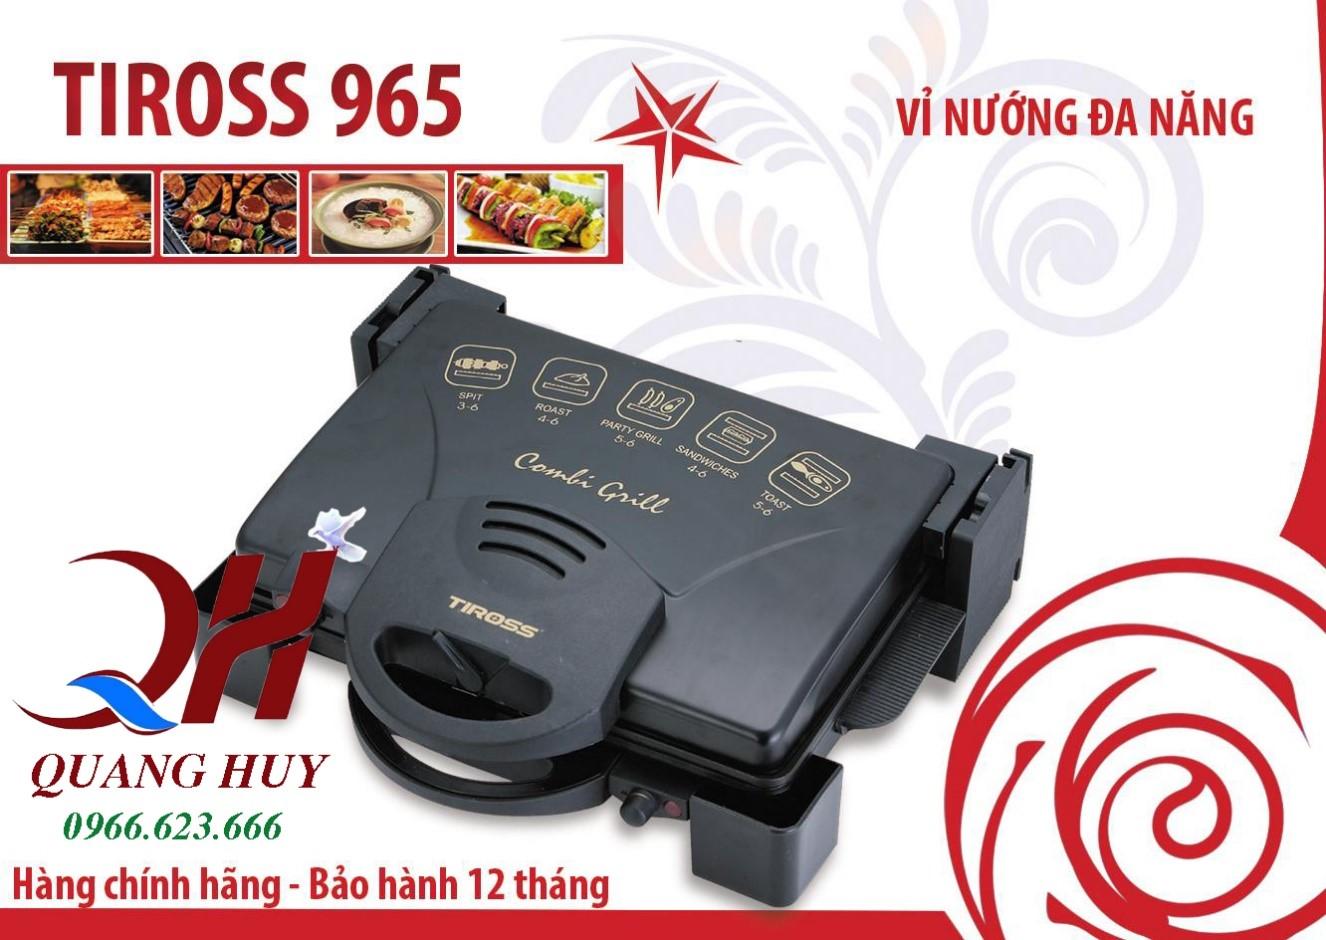 """Vỉ nướng Tiross 965 đa năng cho vỏ bánh mì giòn rụm, nóng hổi """"vừa thổi vừa ăn"""""""